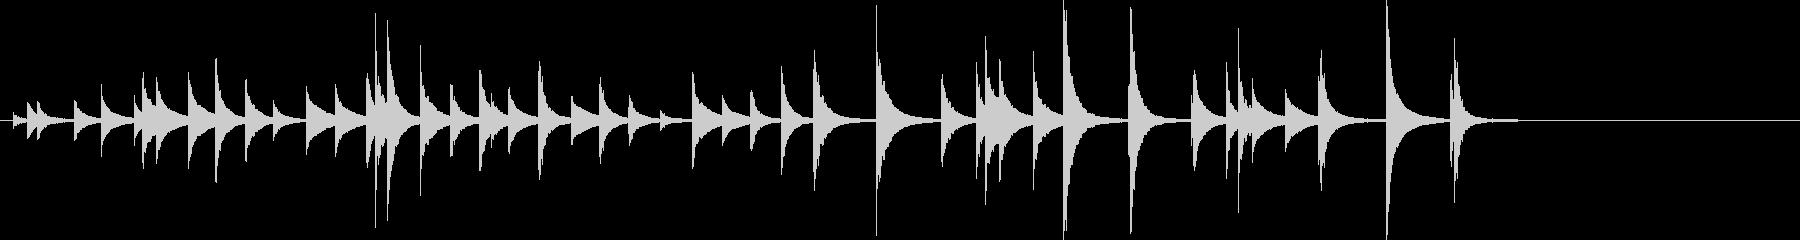 松虫5キラキラジングル鉄琴アジアン和風歌の未再生の波形